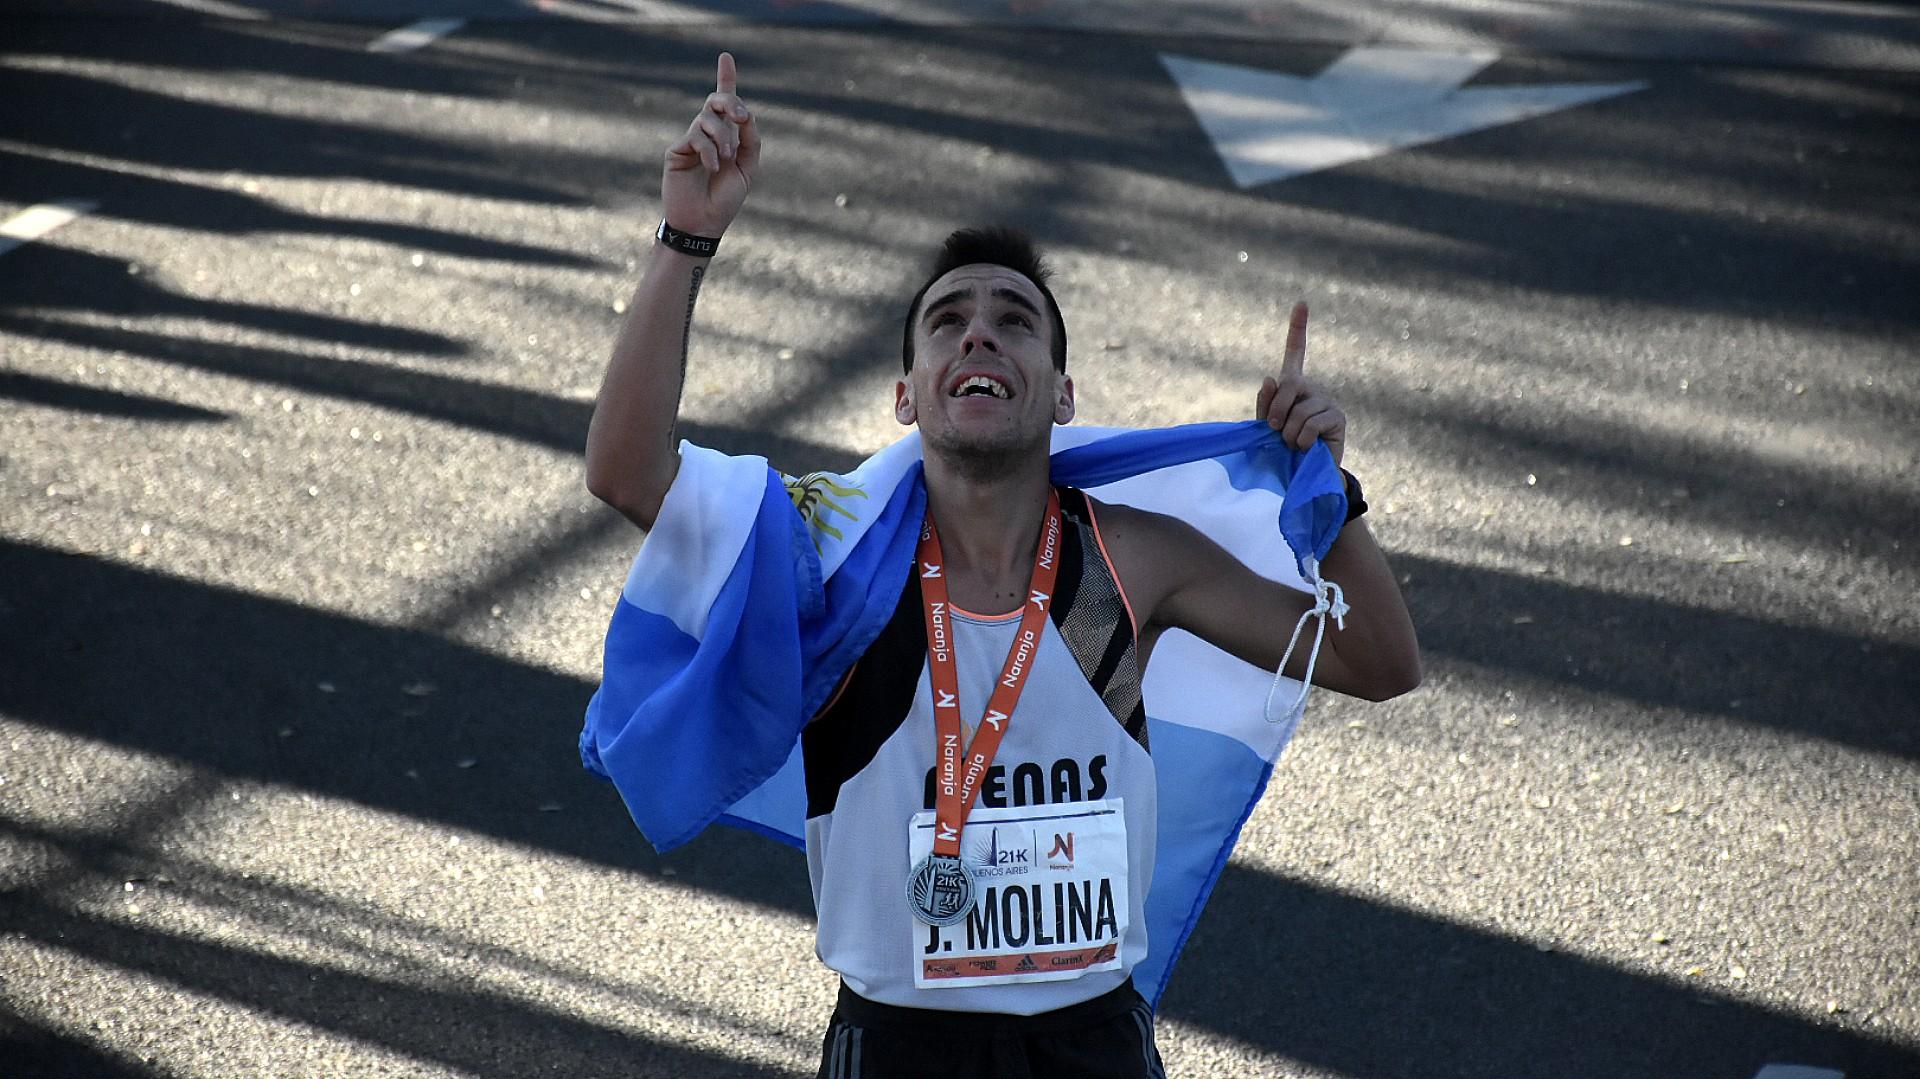 Julián Molina fue el primer argentino en llegar, con 1:04:19. Festeja su victoria con la bandera argentina